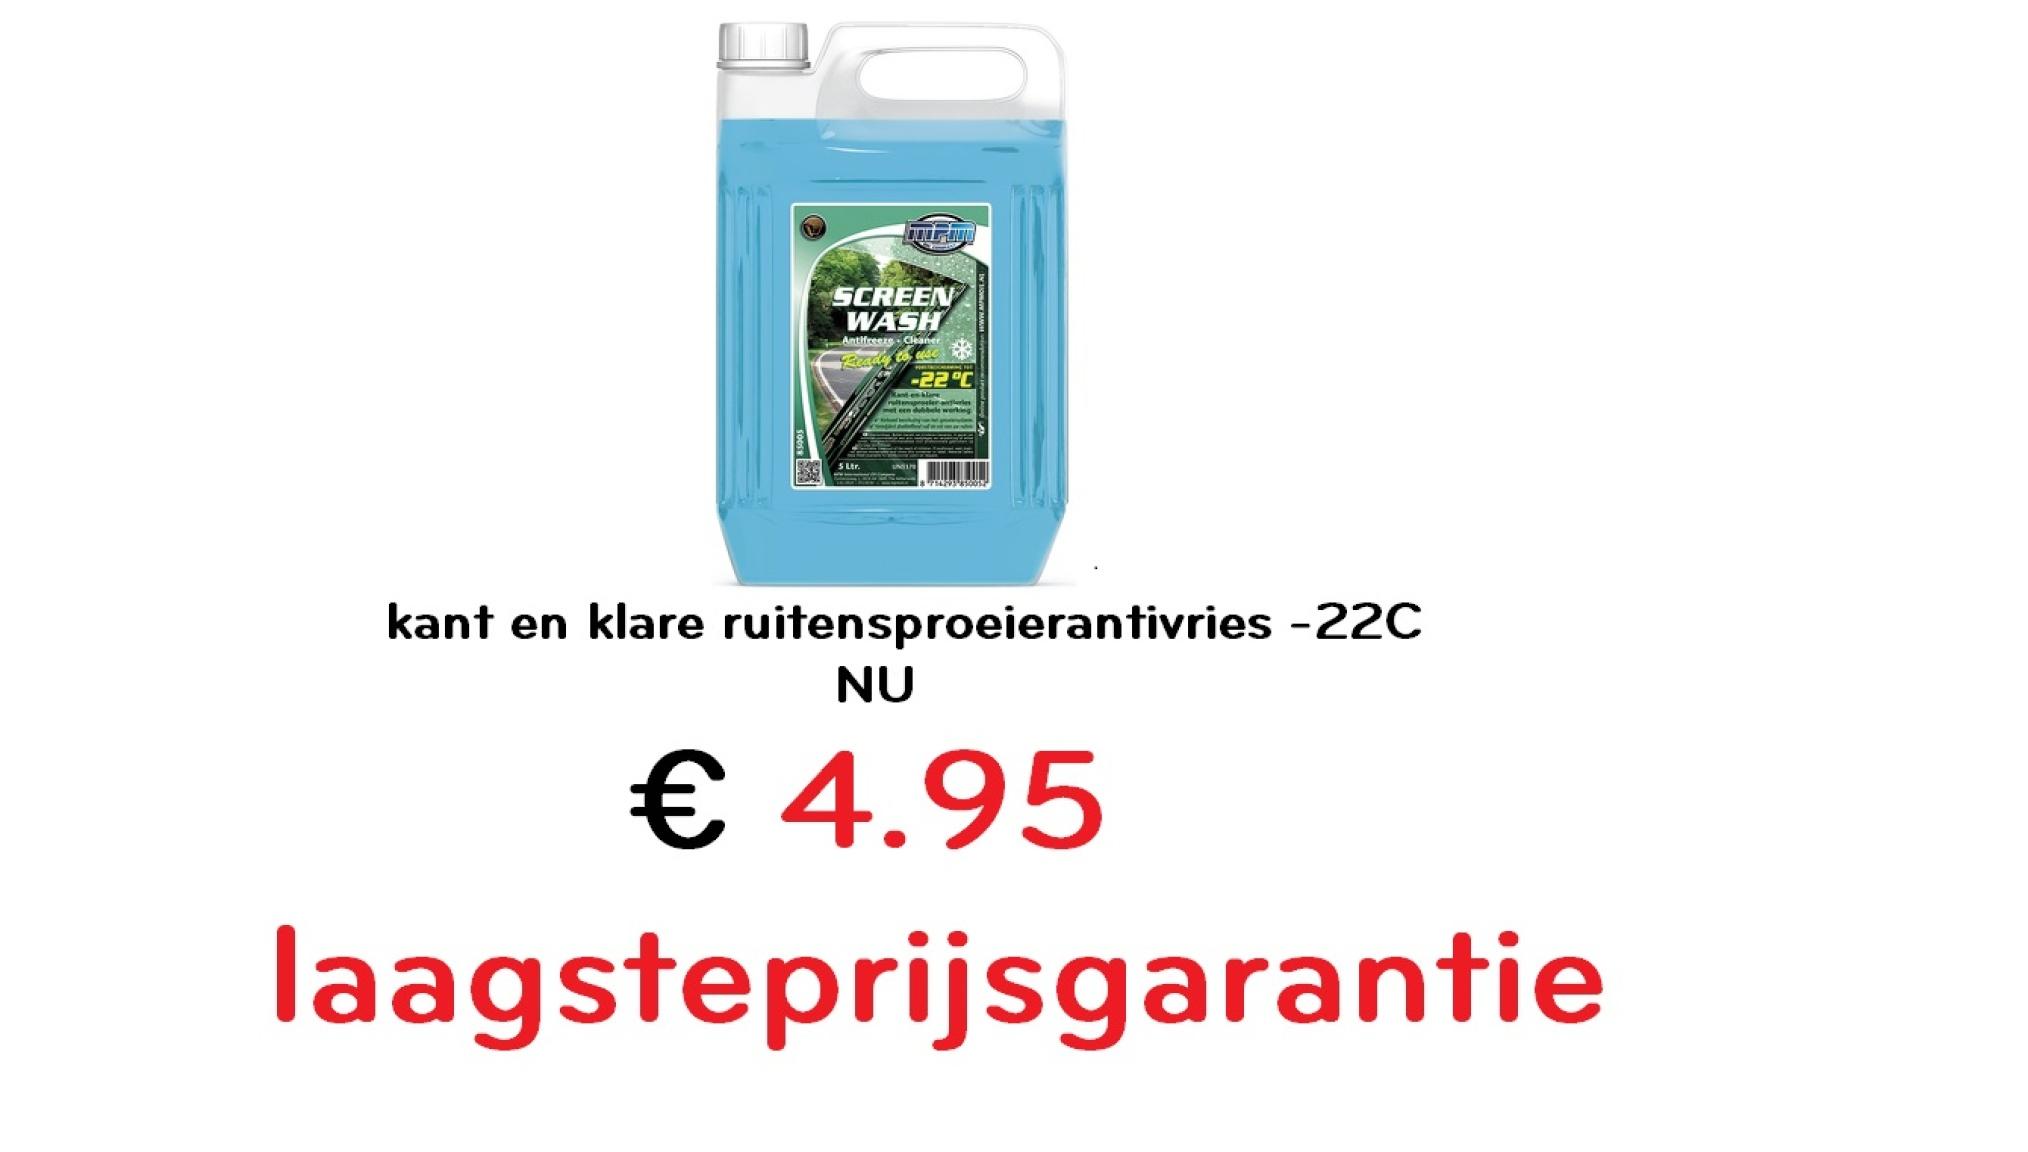 Op is Op   ruitensproeiervloeistof. -22 € 4.95 incl. btw voor 5L-2021-02-04 11:10:06